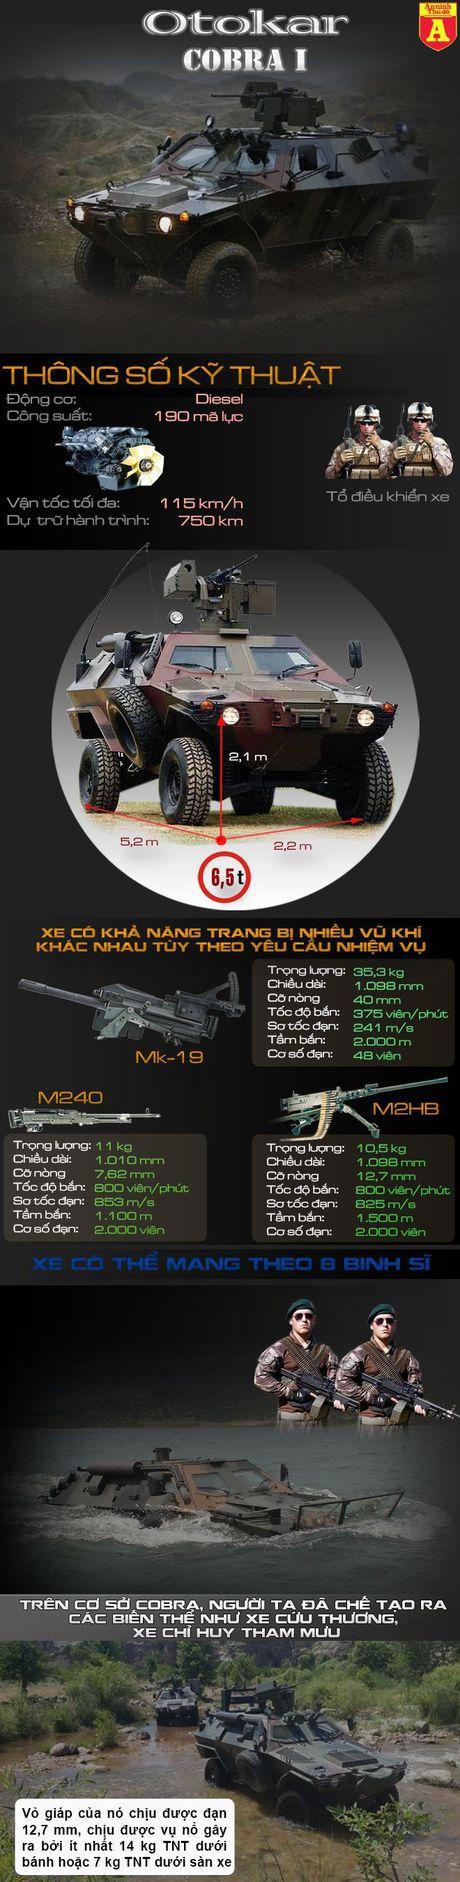 Viet Nam co nen mua xe thiet giap Otokar Cobra I thay the V-100? - Anh 2